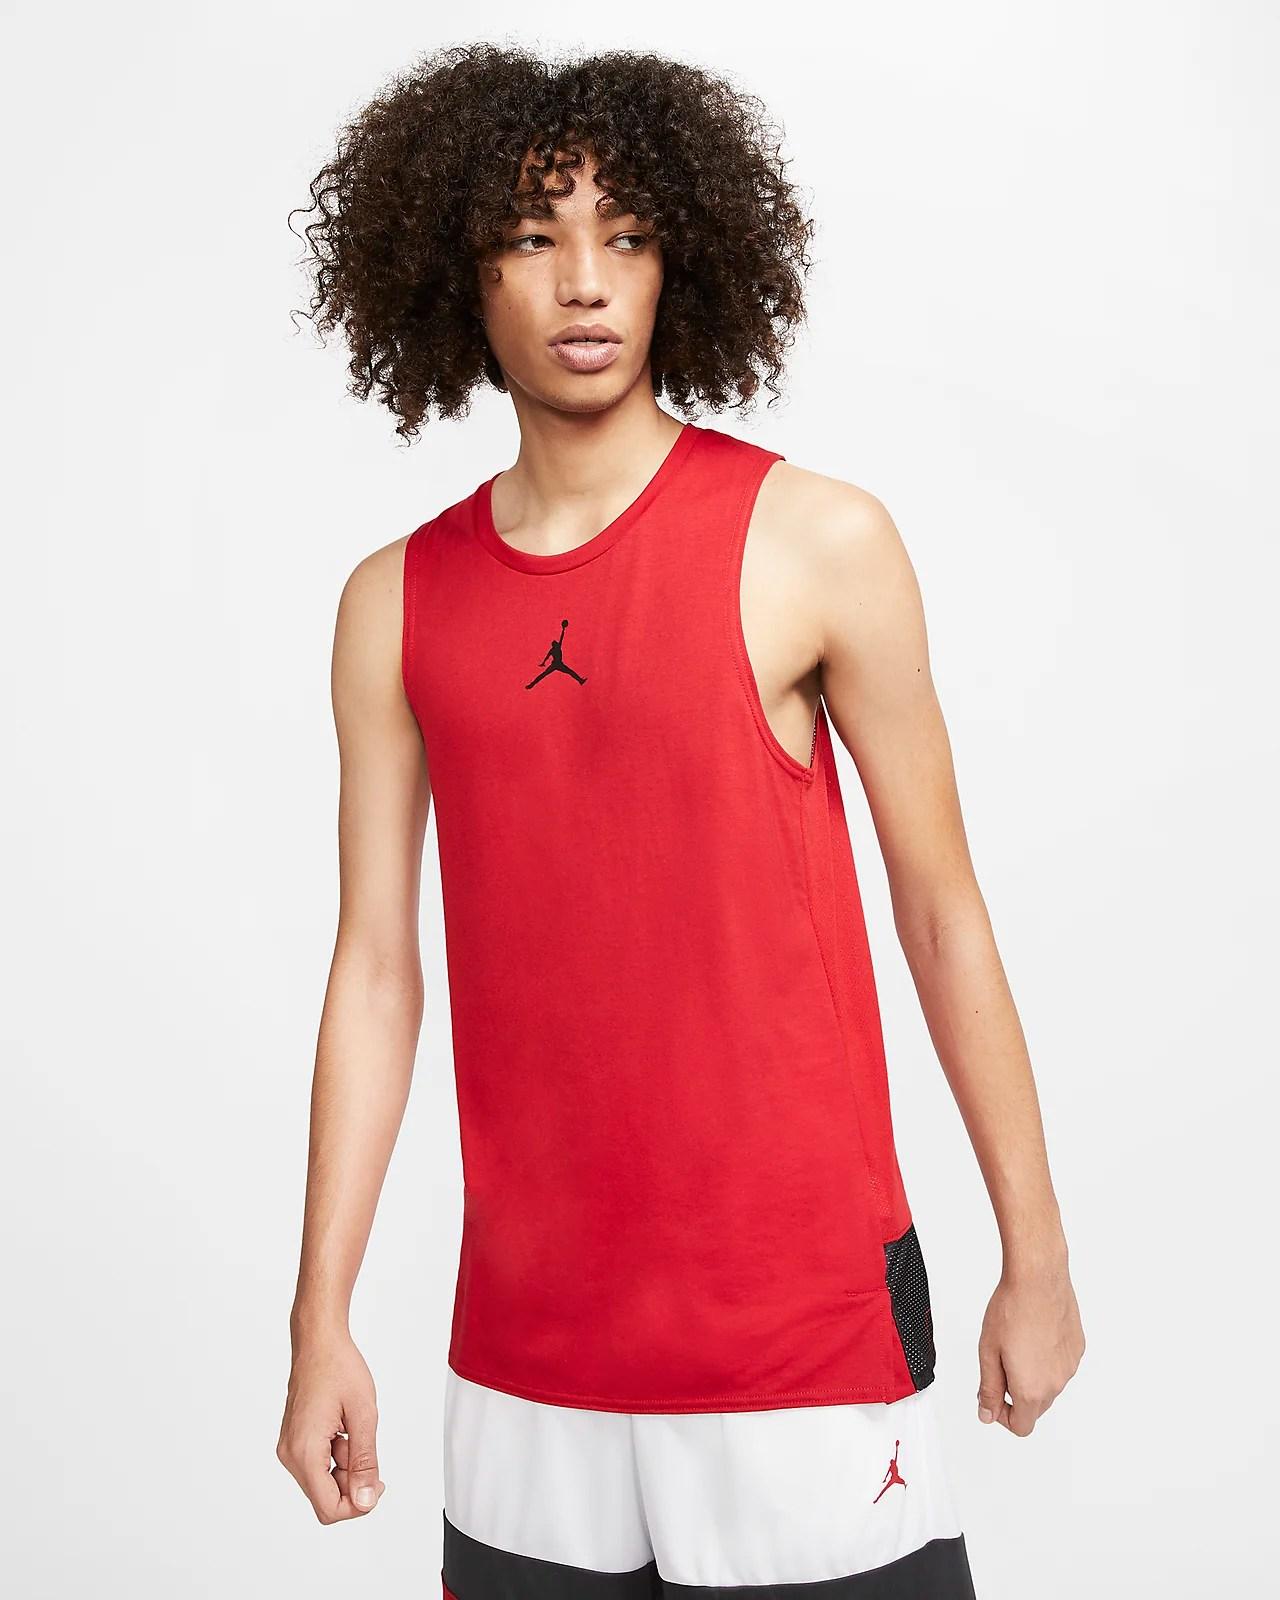 Jordan 23 Alpha 男款球衣。Nike TW